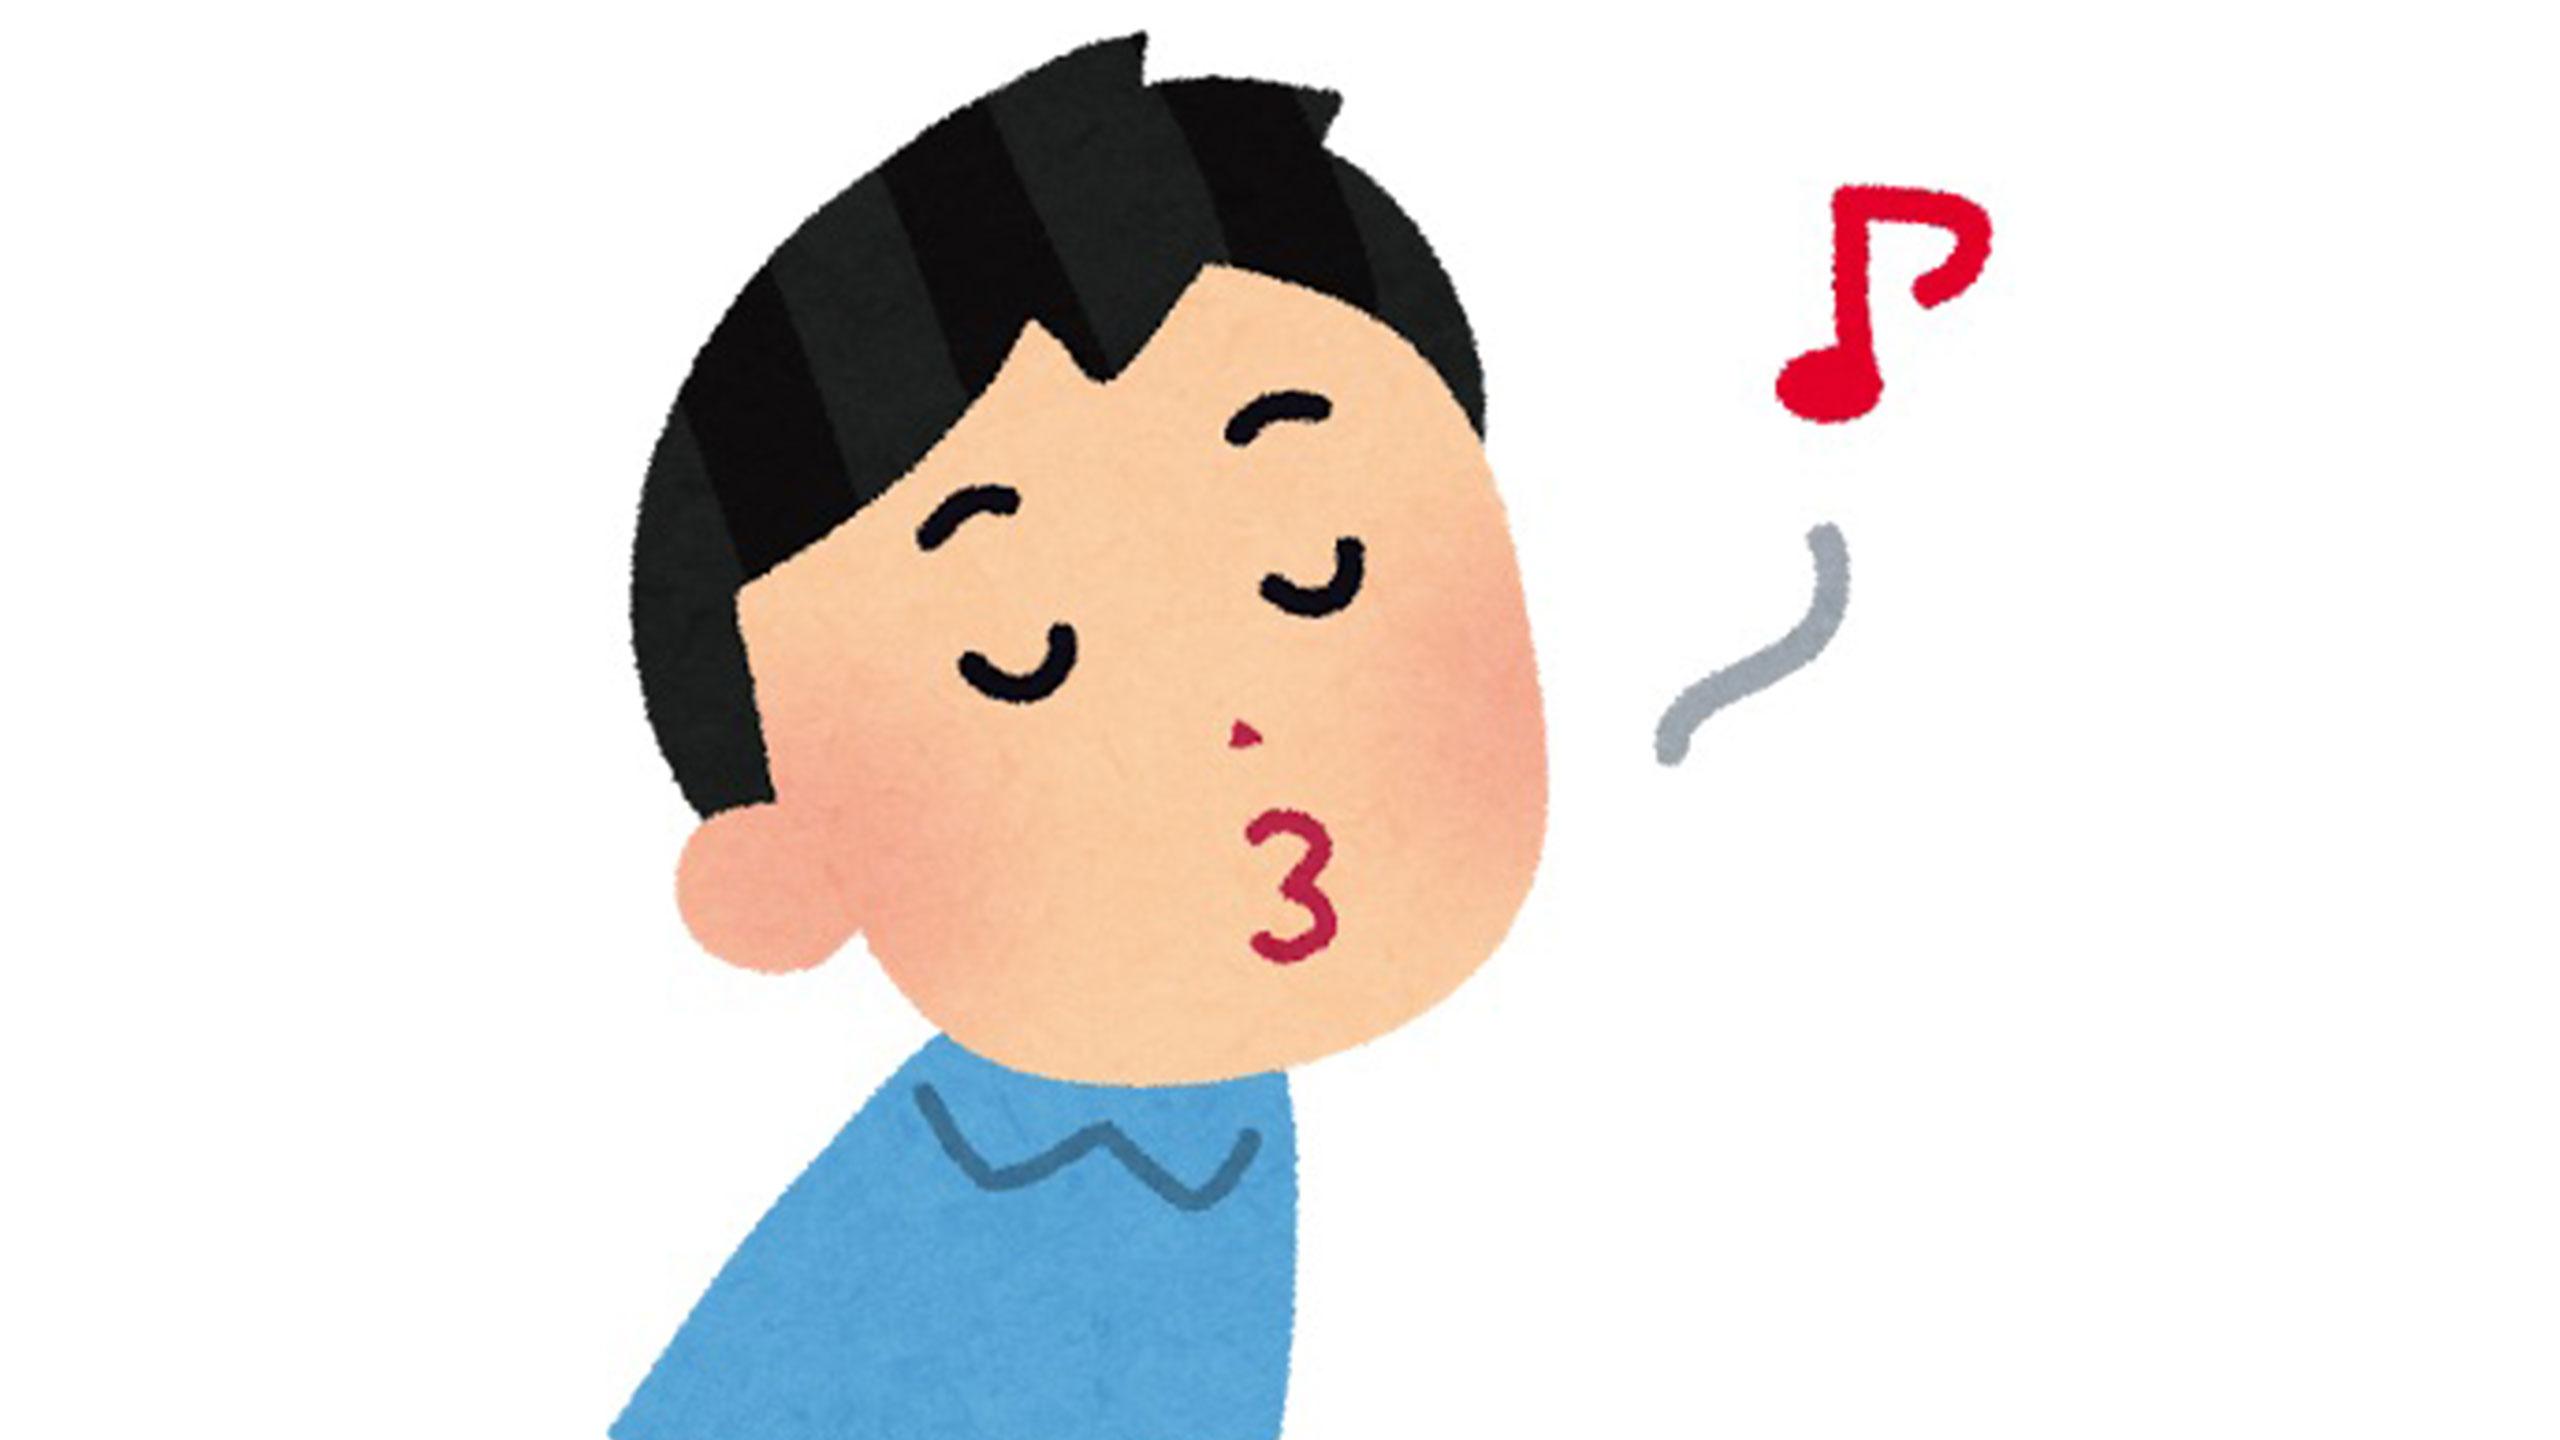 吹き 方 口笛